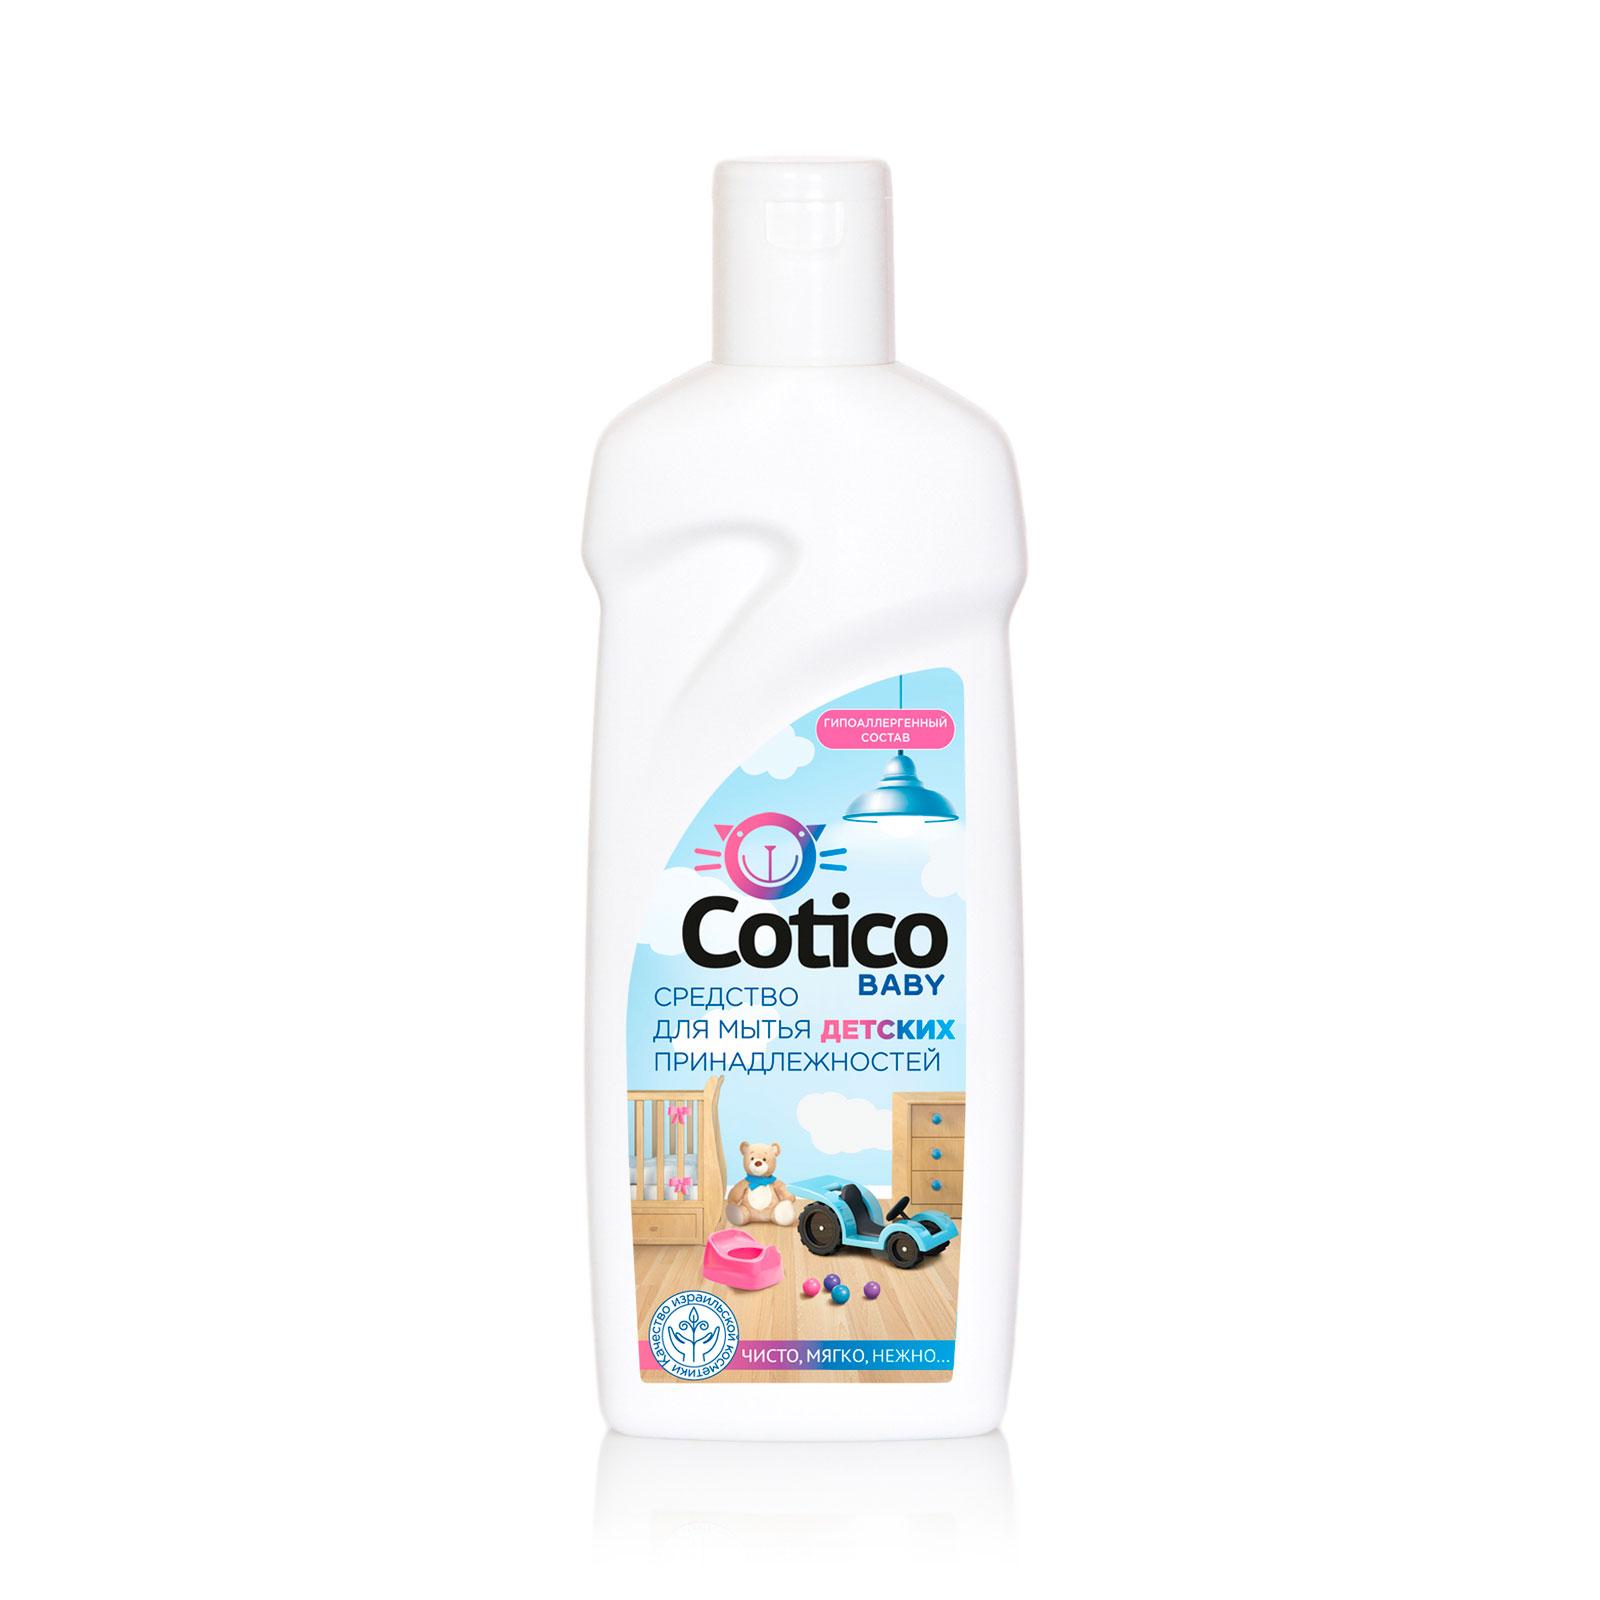 Гель для мытья детских принадлежностей Cotico 380 мл<br>